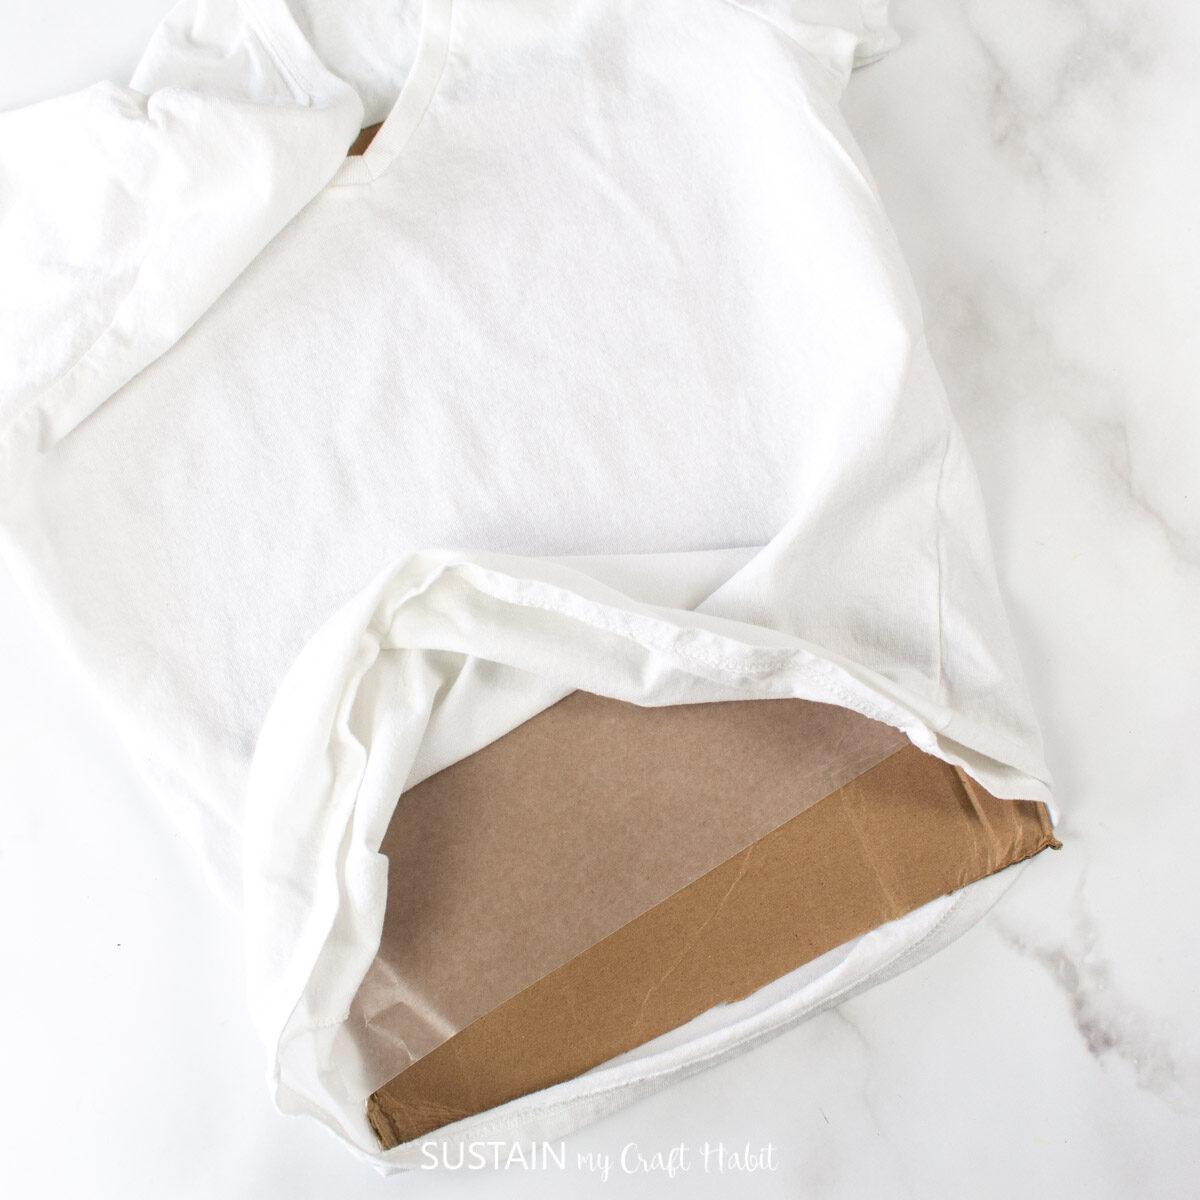 Adding a piece of cardboard inside the tshirt.